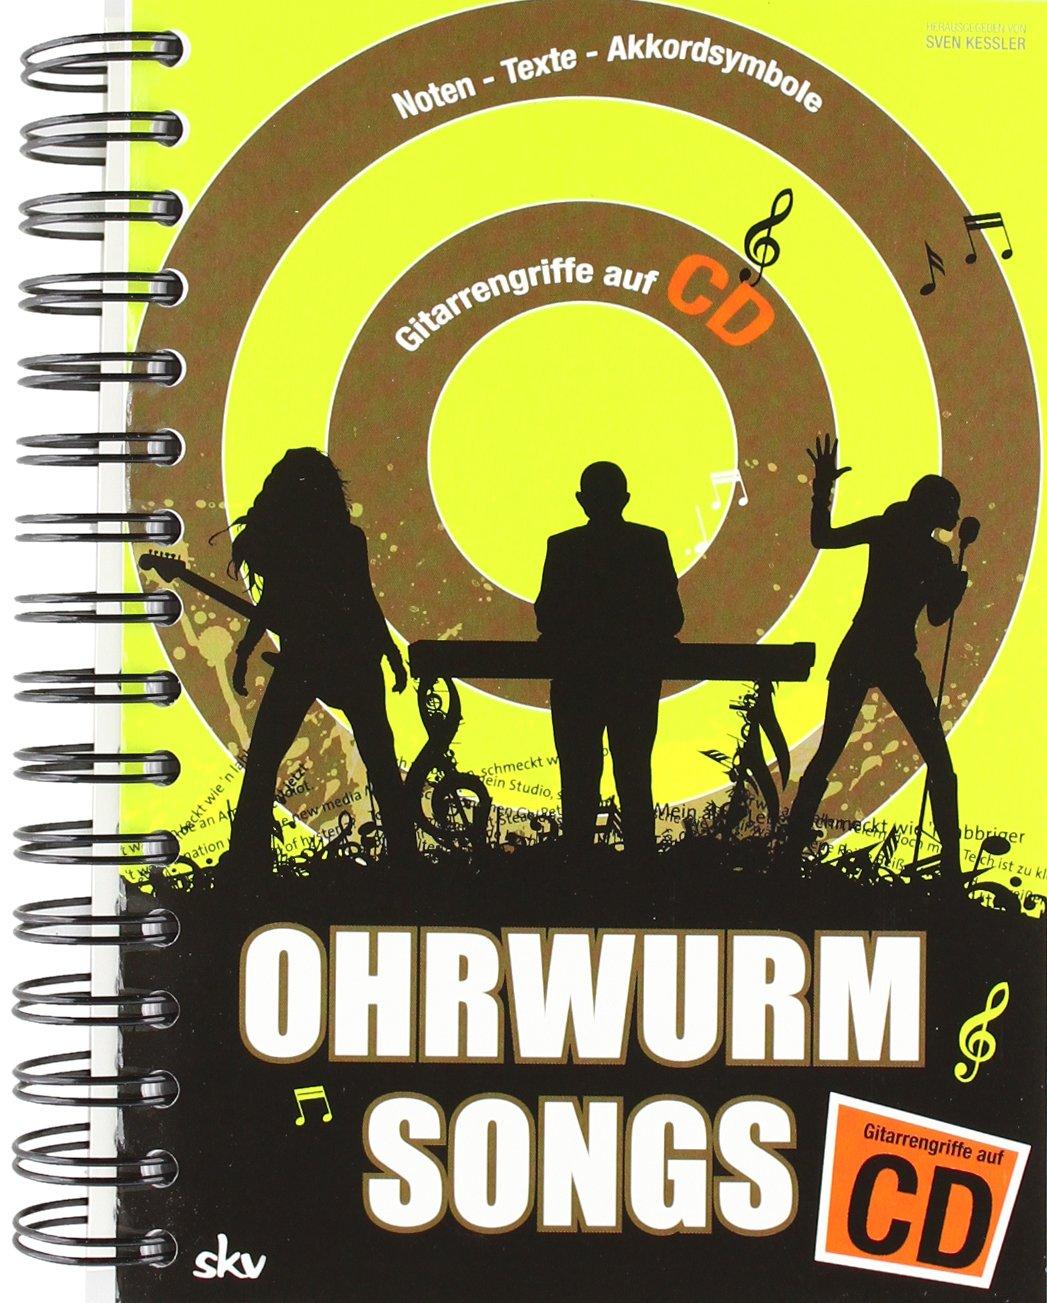 ohrwurm-songs-gitarrengriffe-mit-cd-noten-texte-akkorde-gitarrengriffe